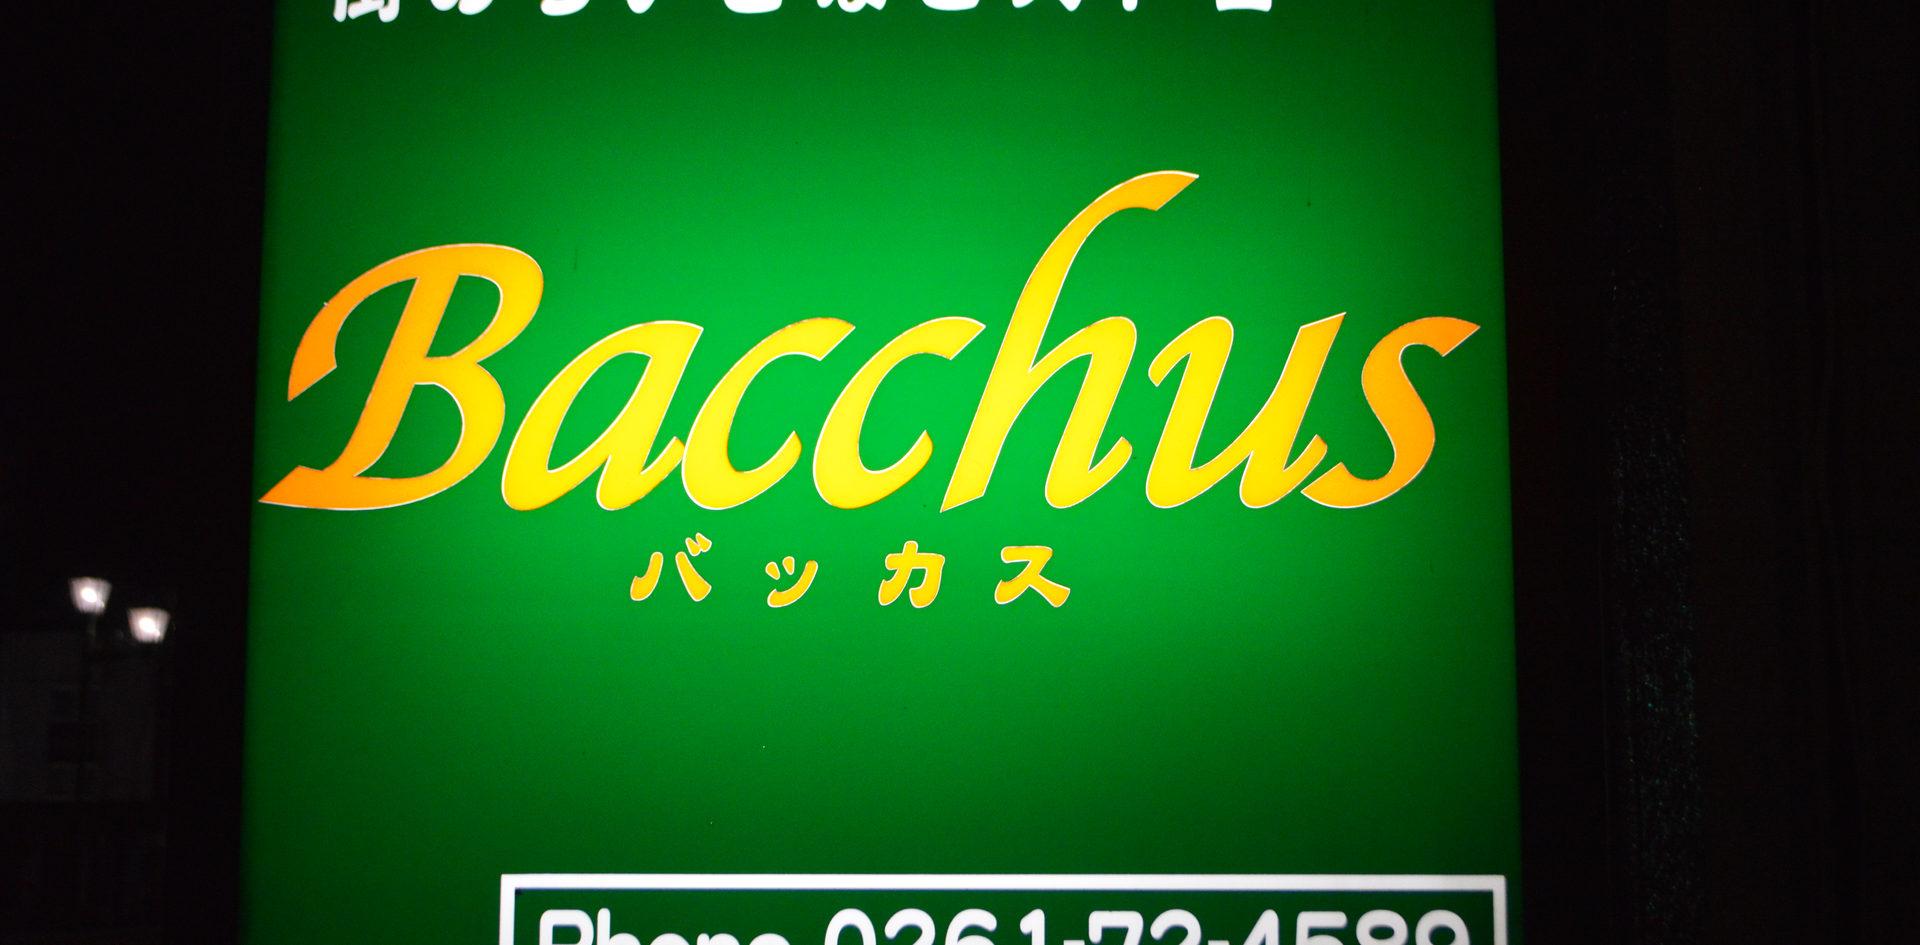 bacchus_1.JPG